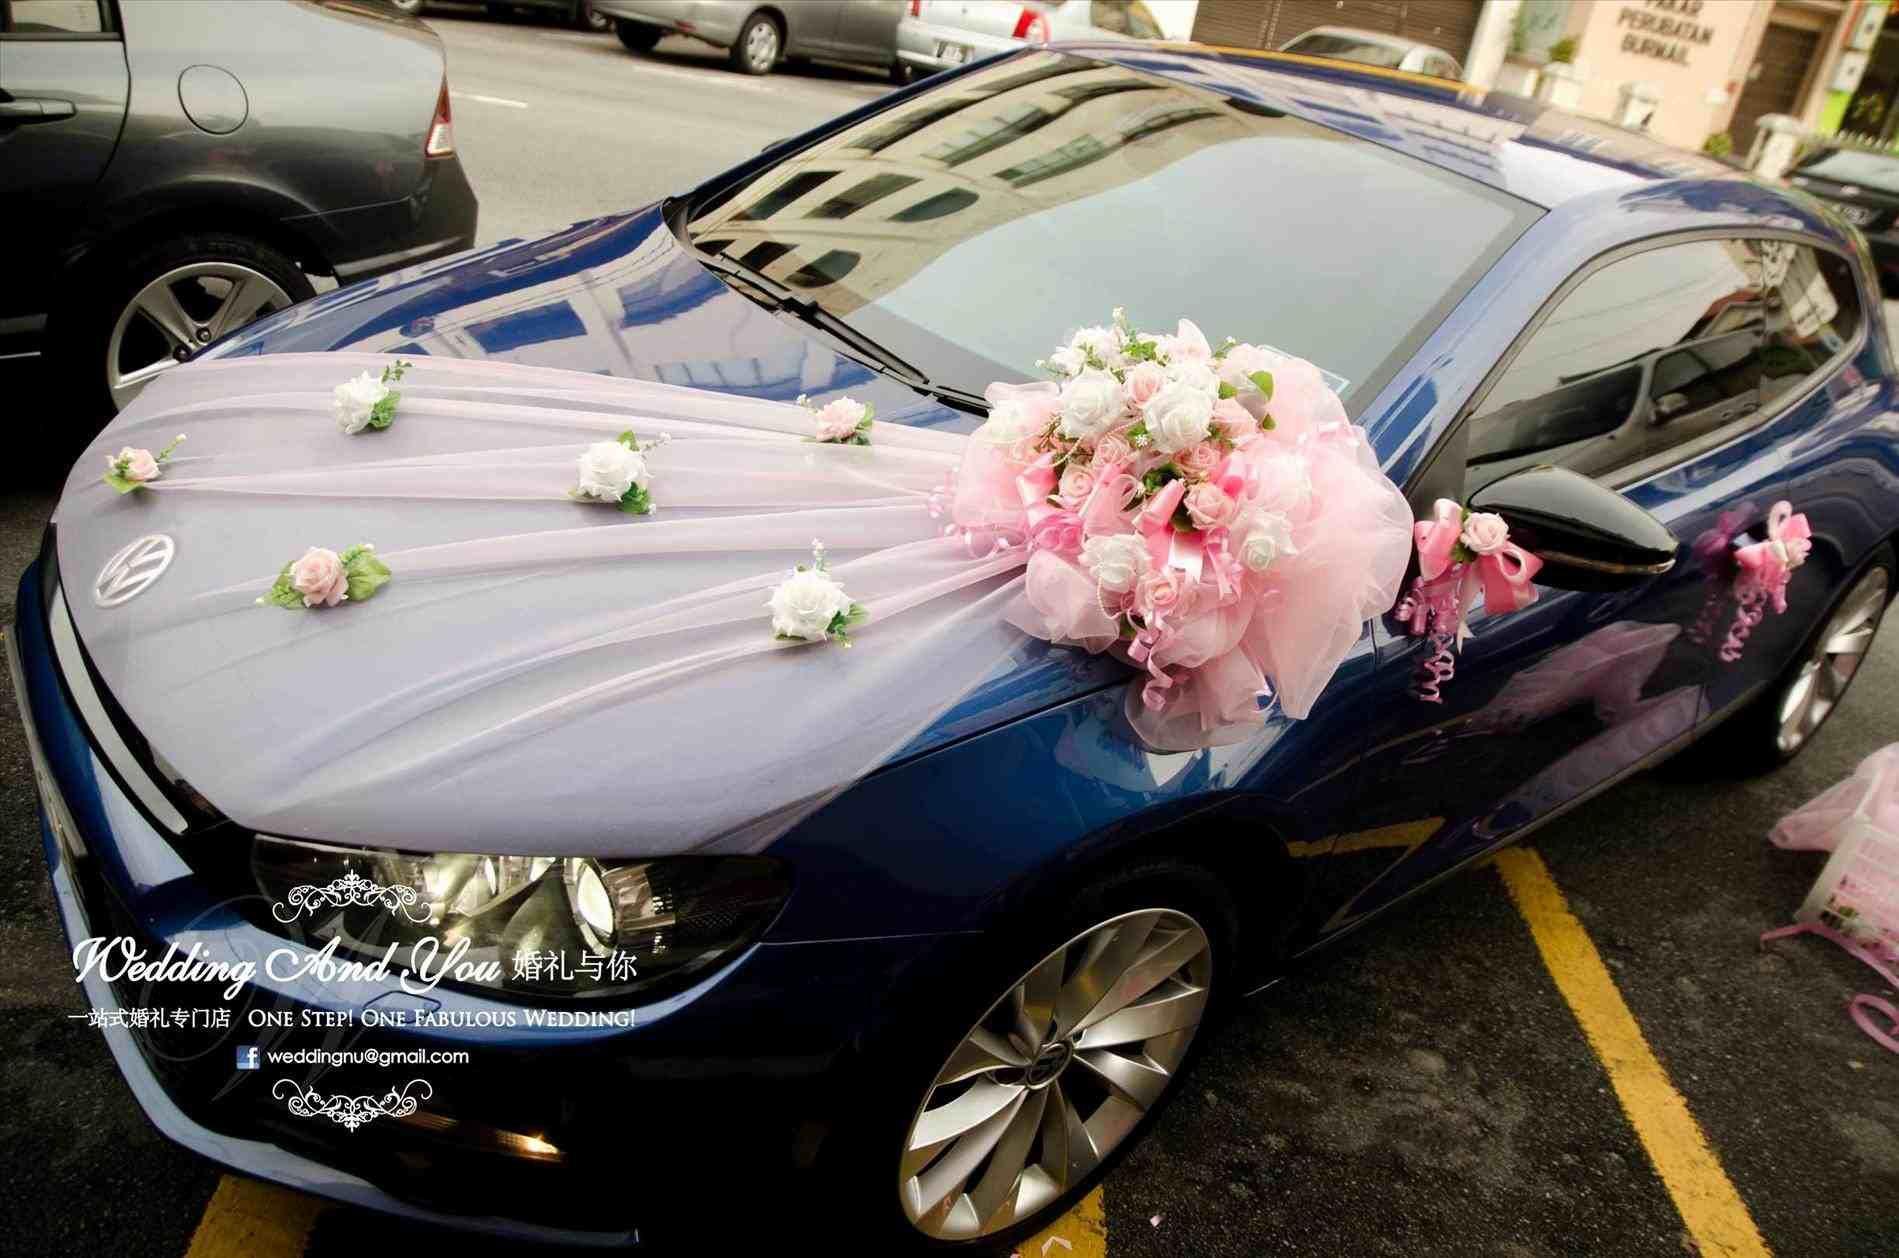 Wedding Car Decorations In Kerala Wedding Cars Wedding Car